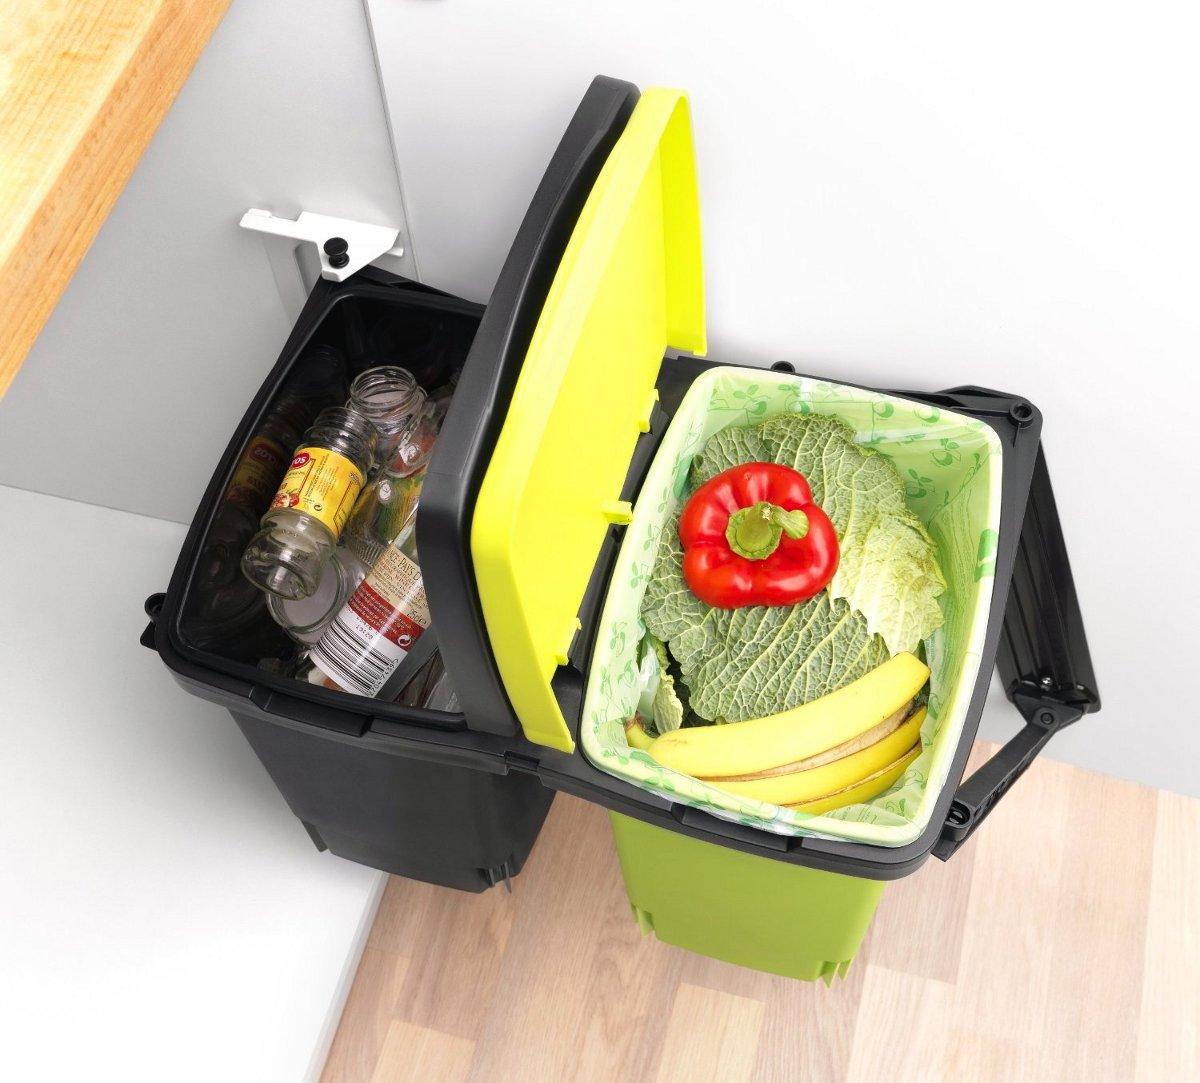 Иллюстрация к статье о компостировании с помощью быстроразлагаемых мешков от Brabantia: система сортировки мусора из пары контейнеров